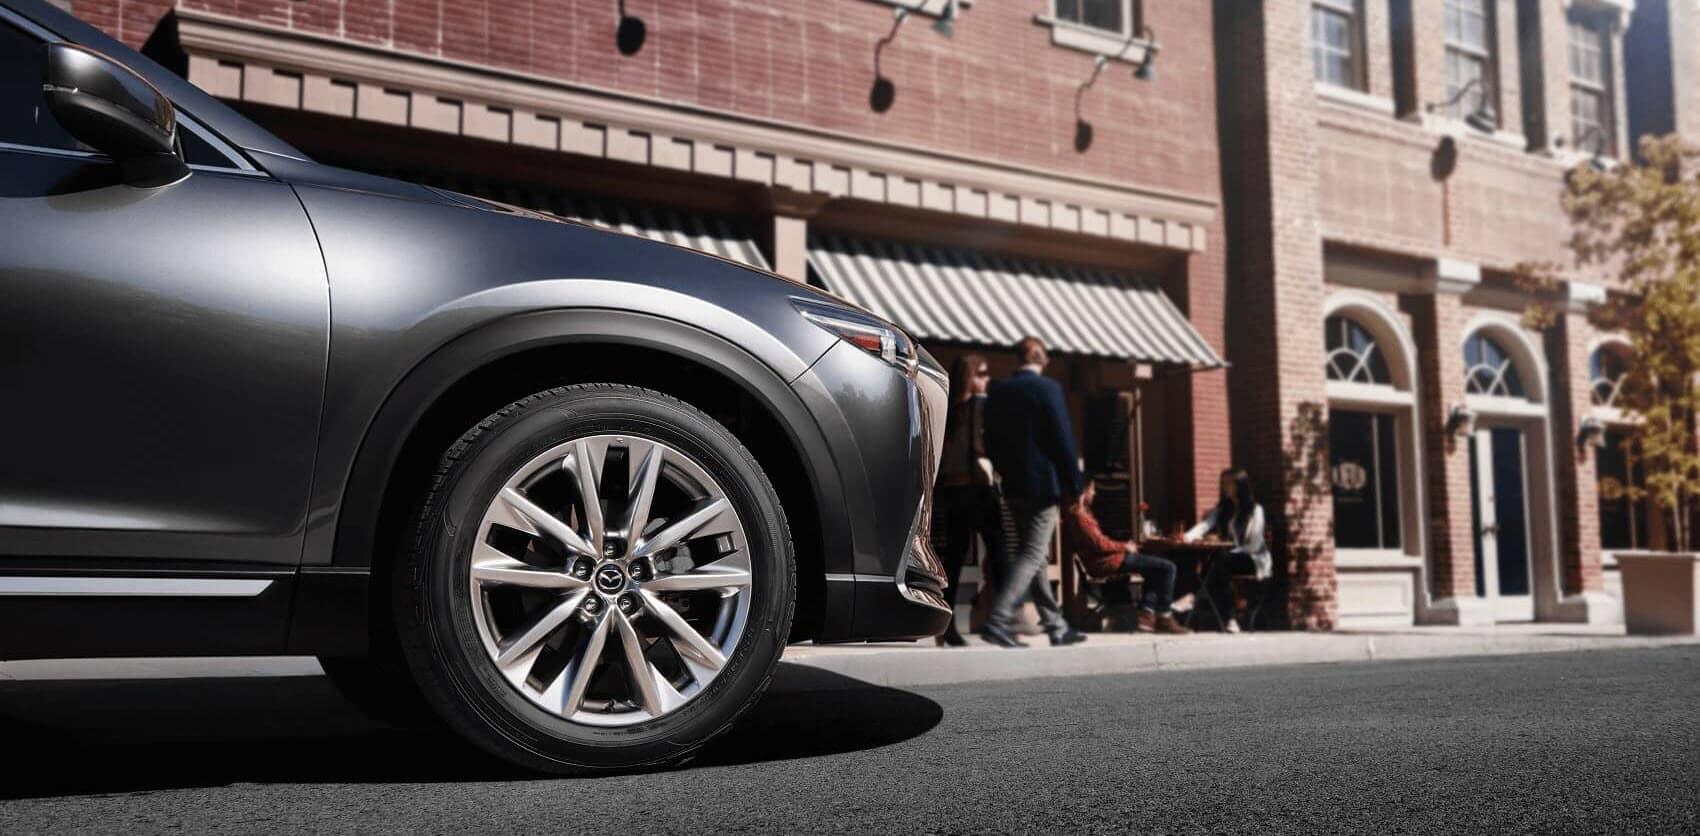 Mazda CX-9 Driving